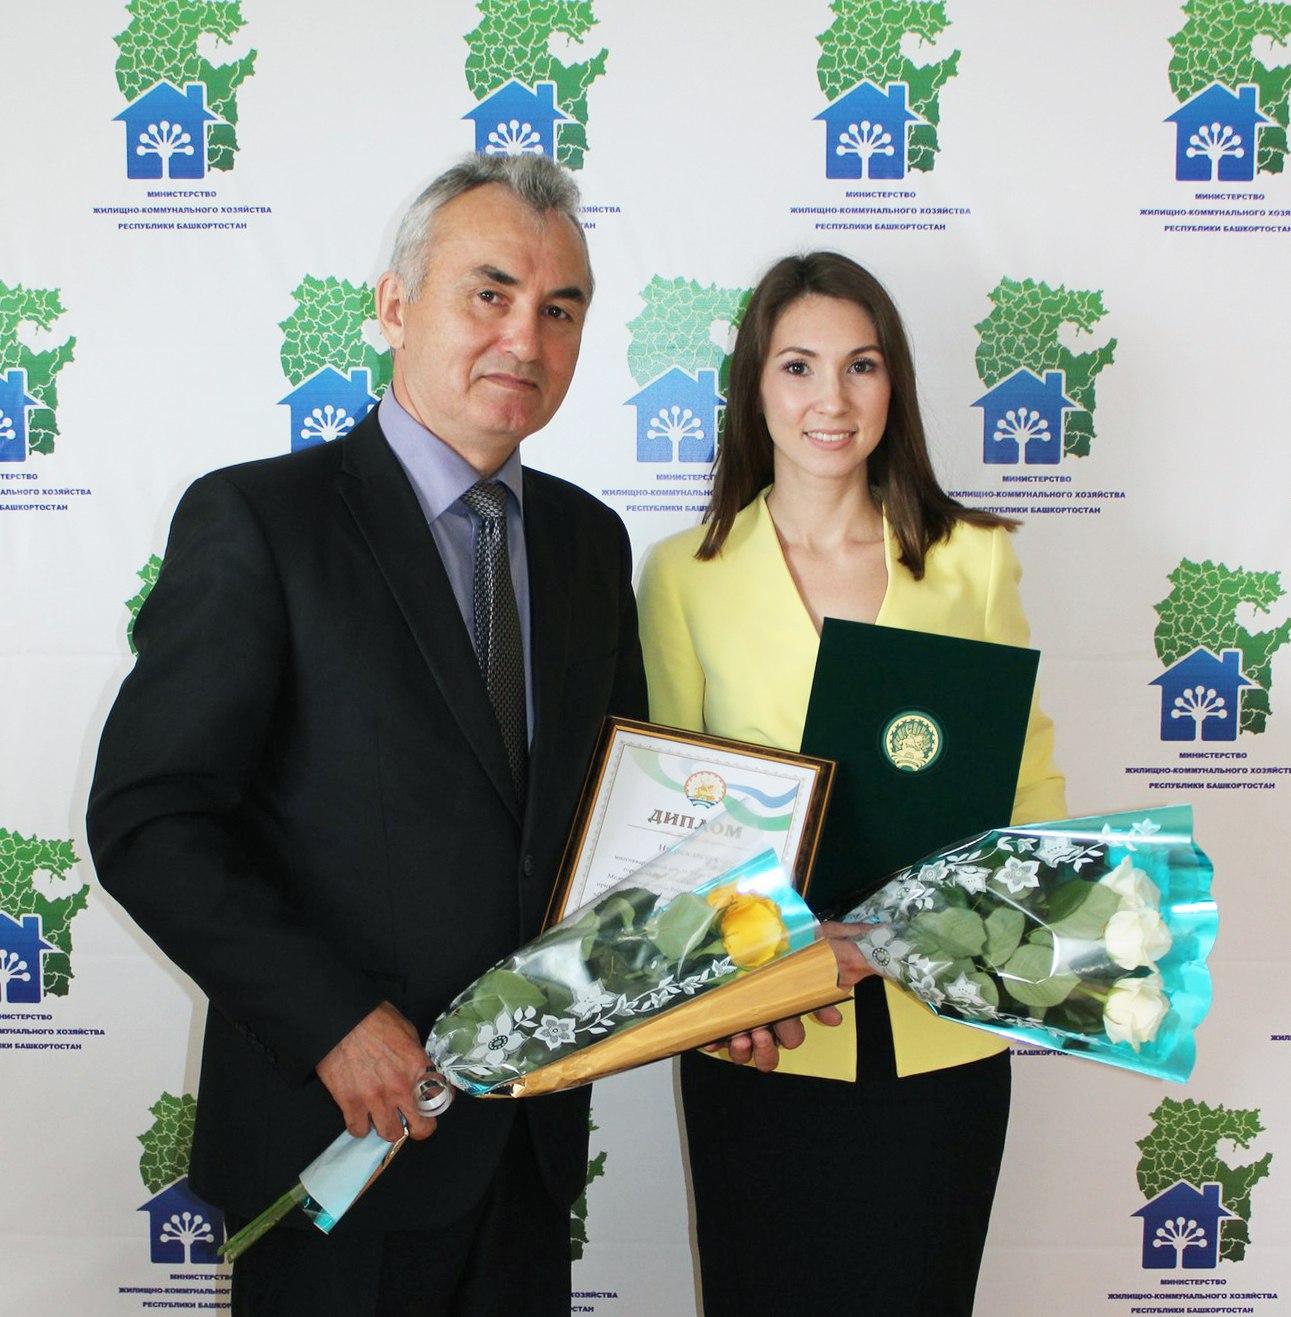 Халит Шагаров и Гульдар Хасанова с дипломами победителей